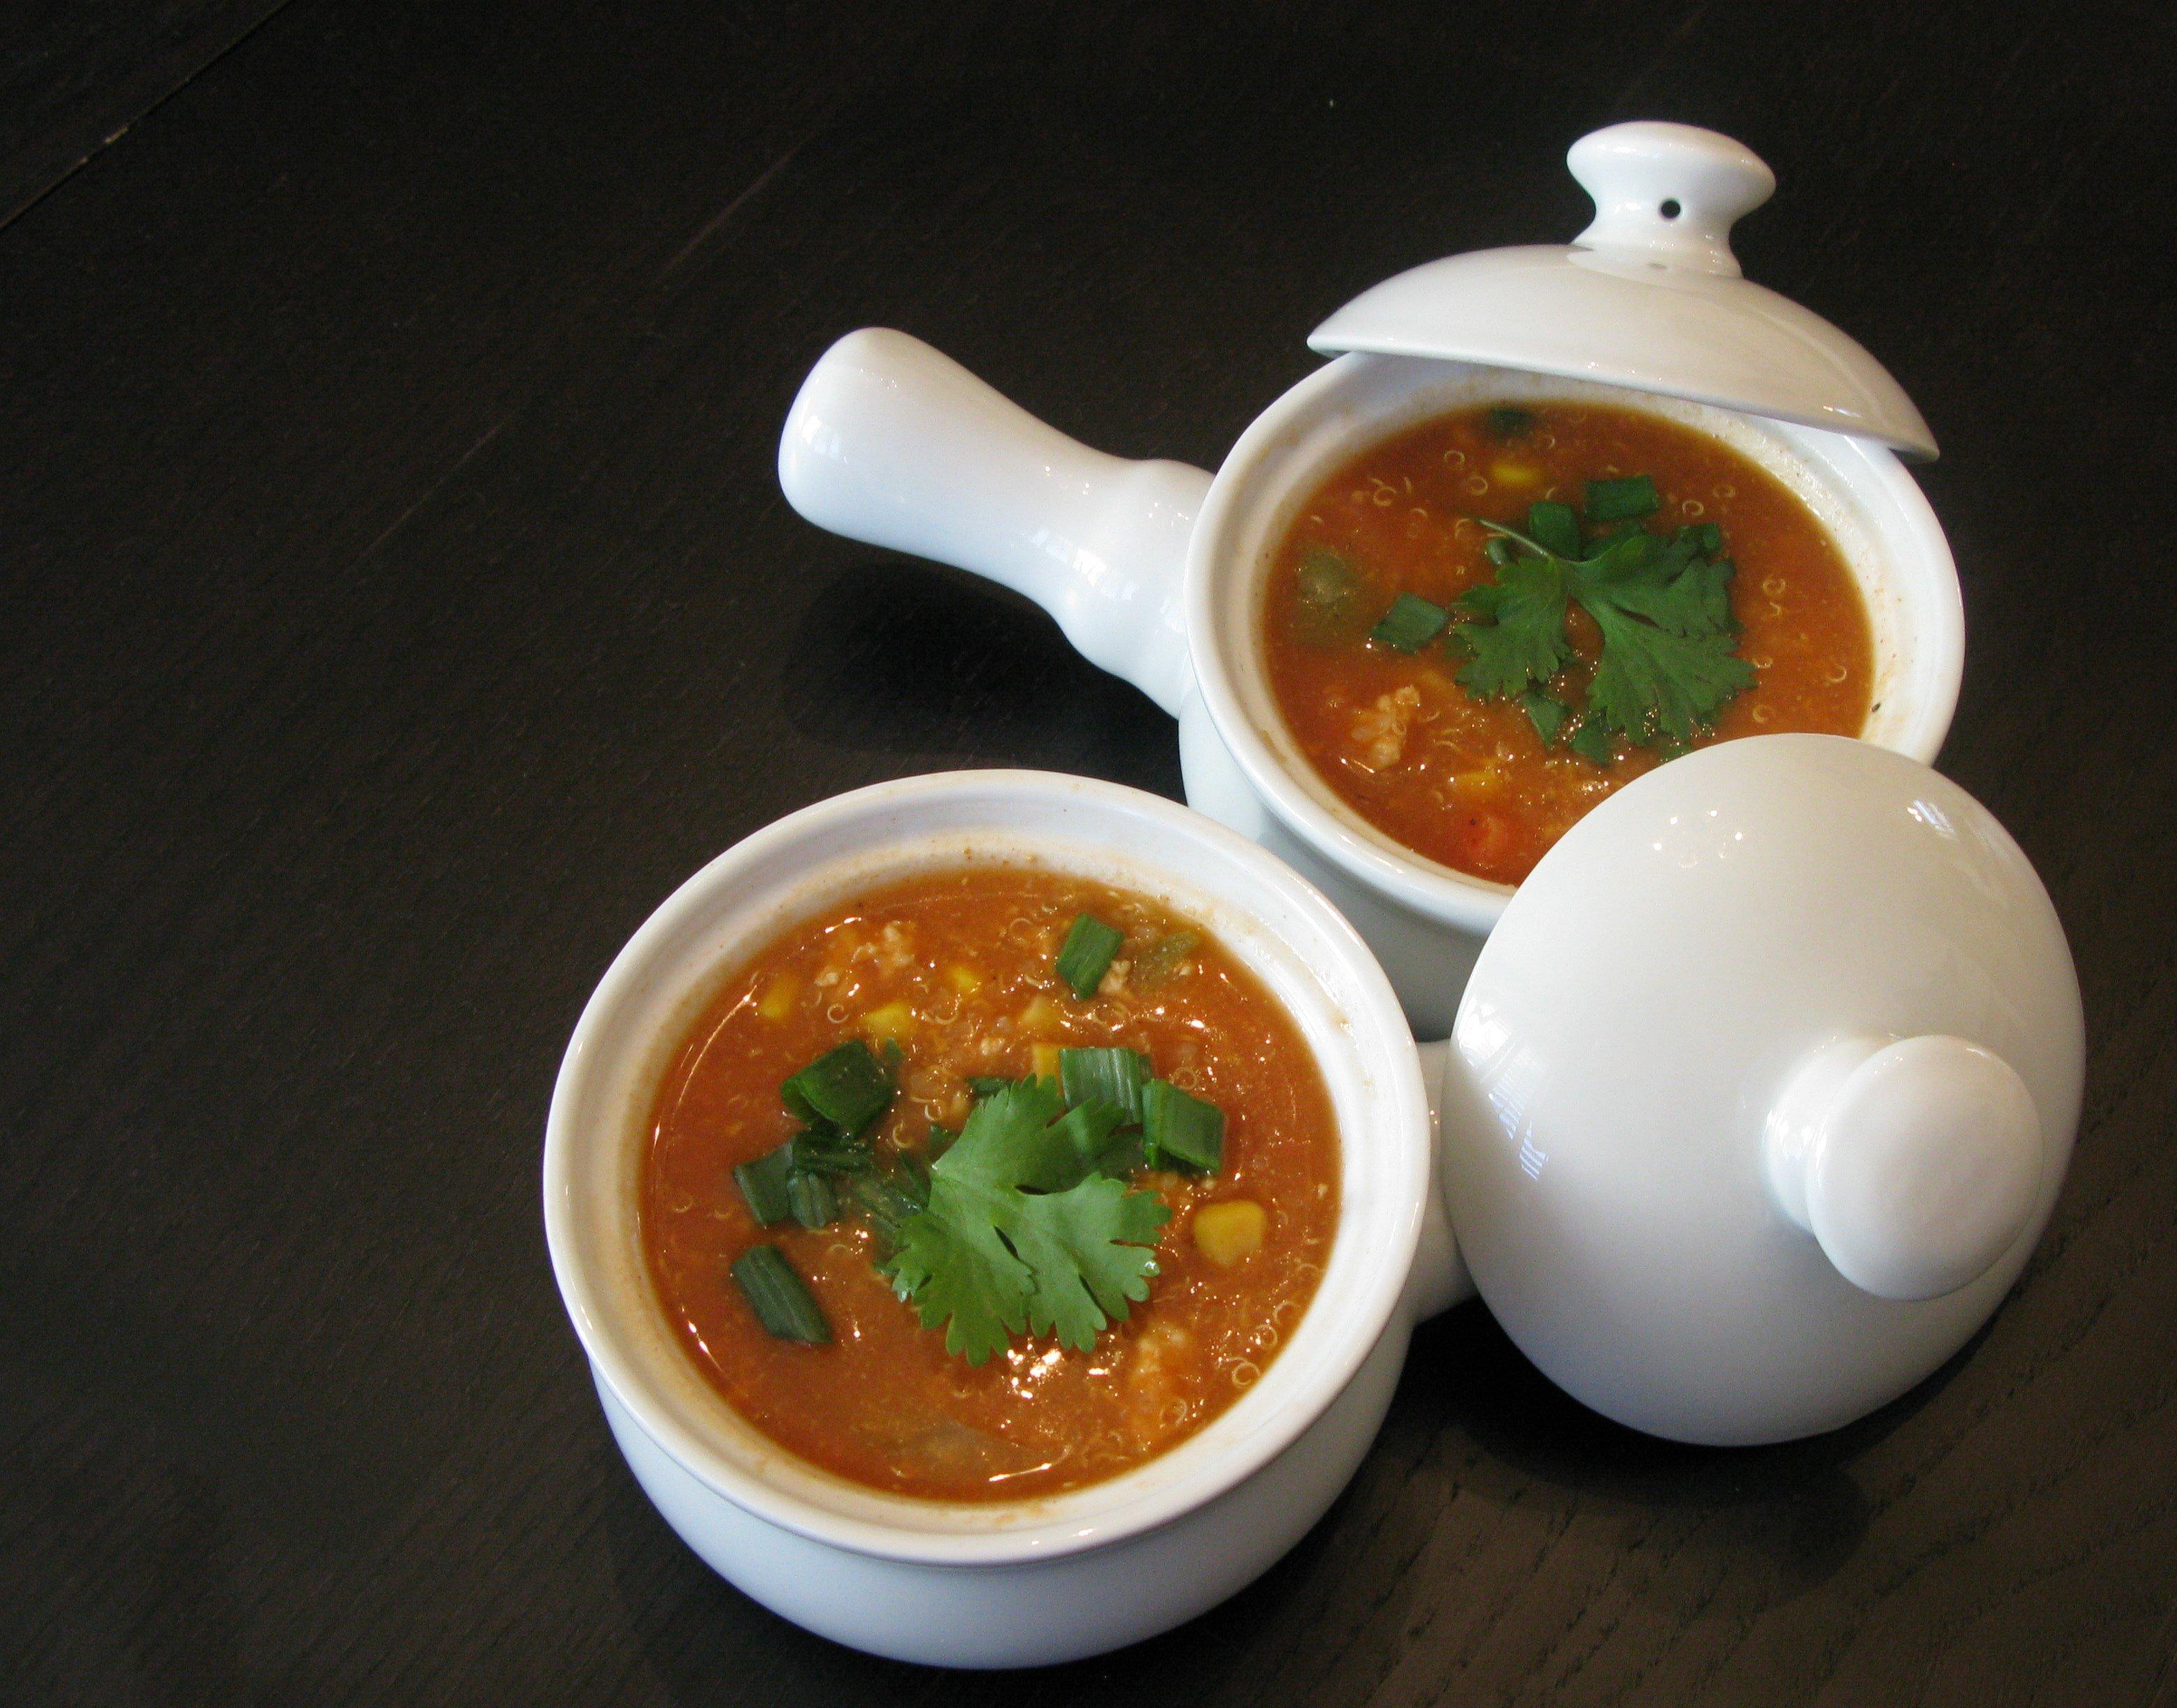 Spicy Tomato Vegetable Quinoa Soup